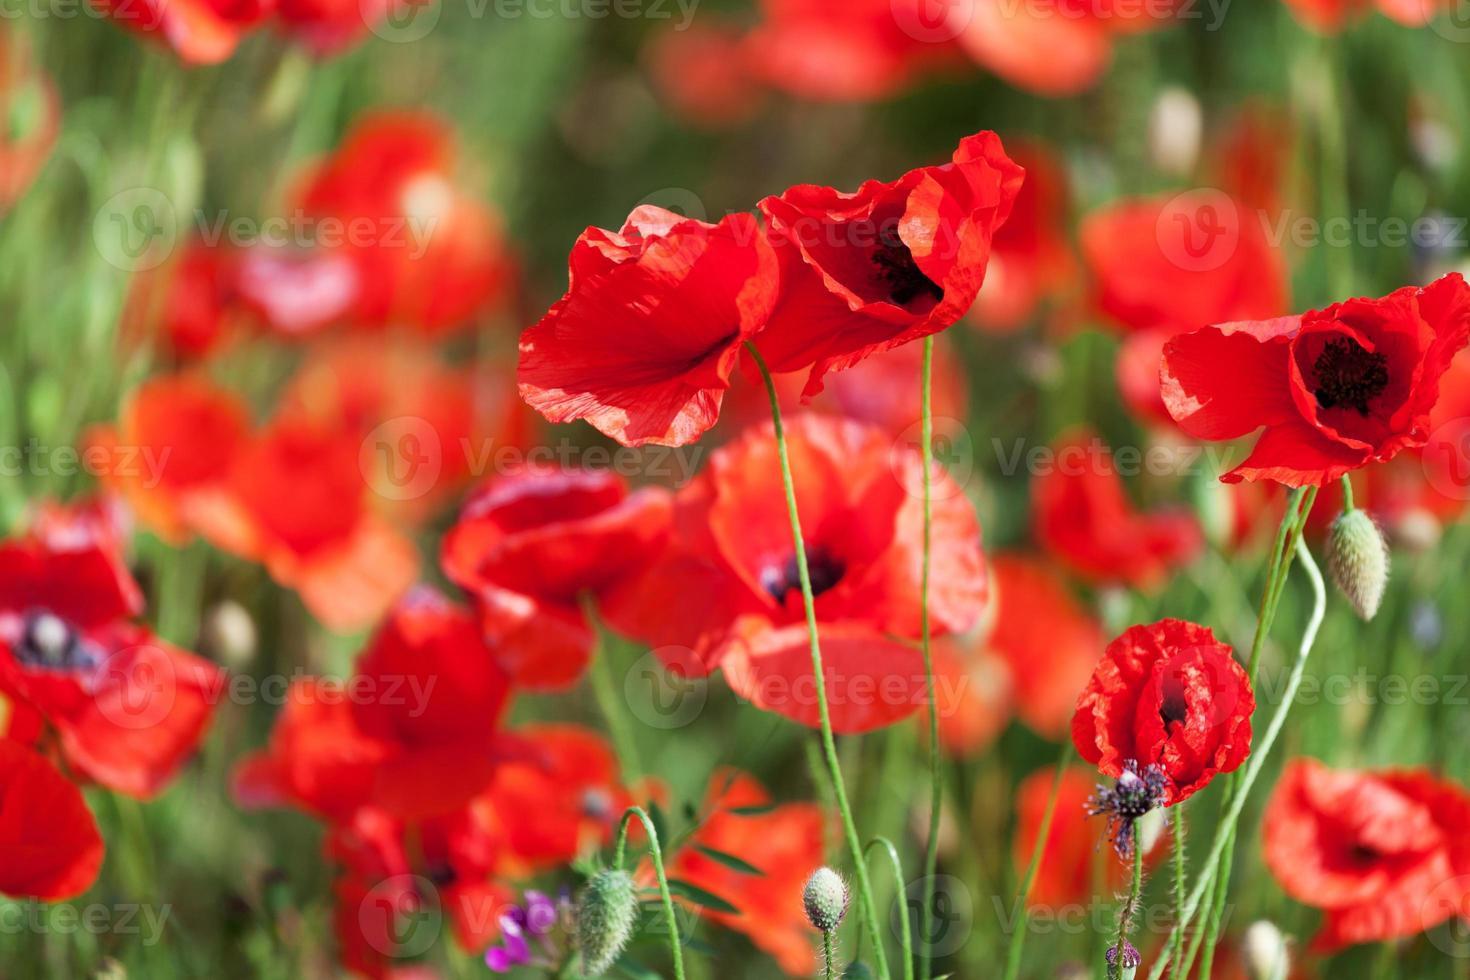 papoilas de milho vermelho foto